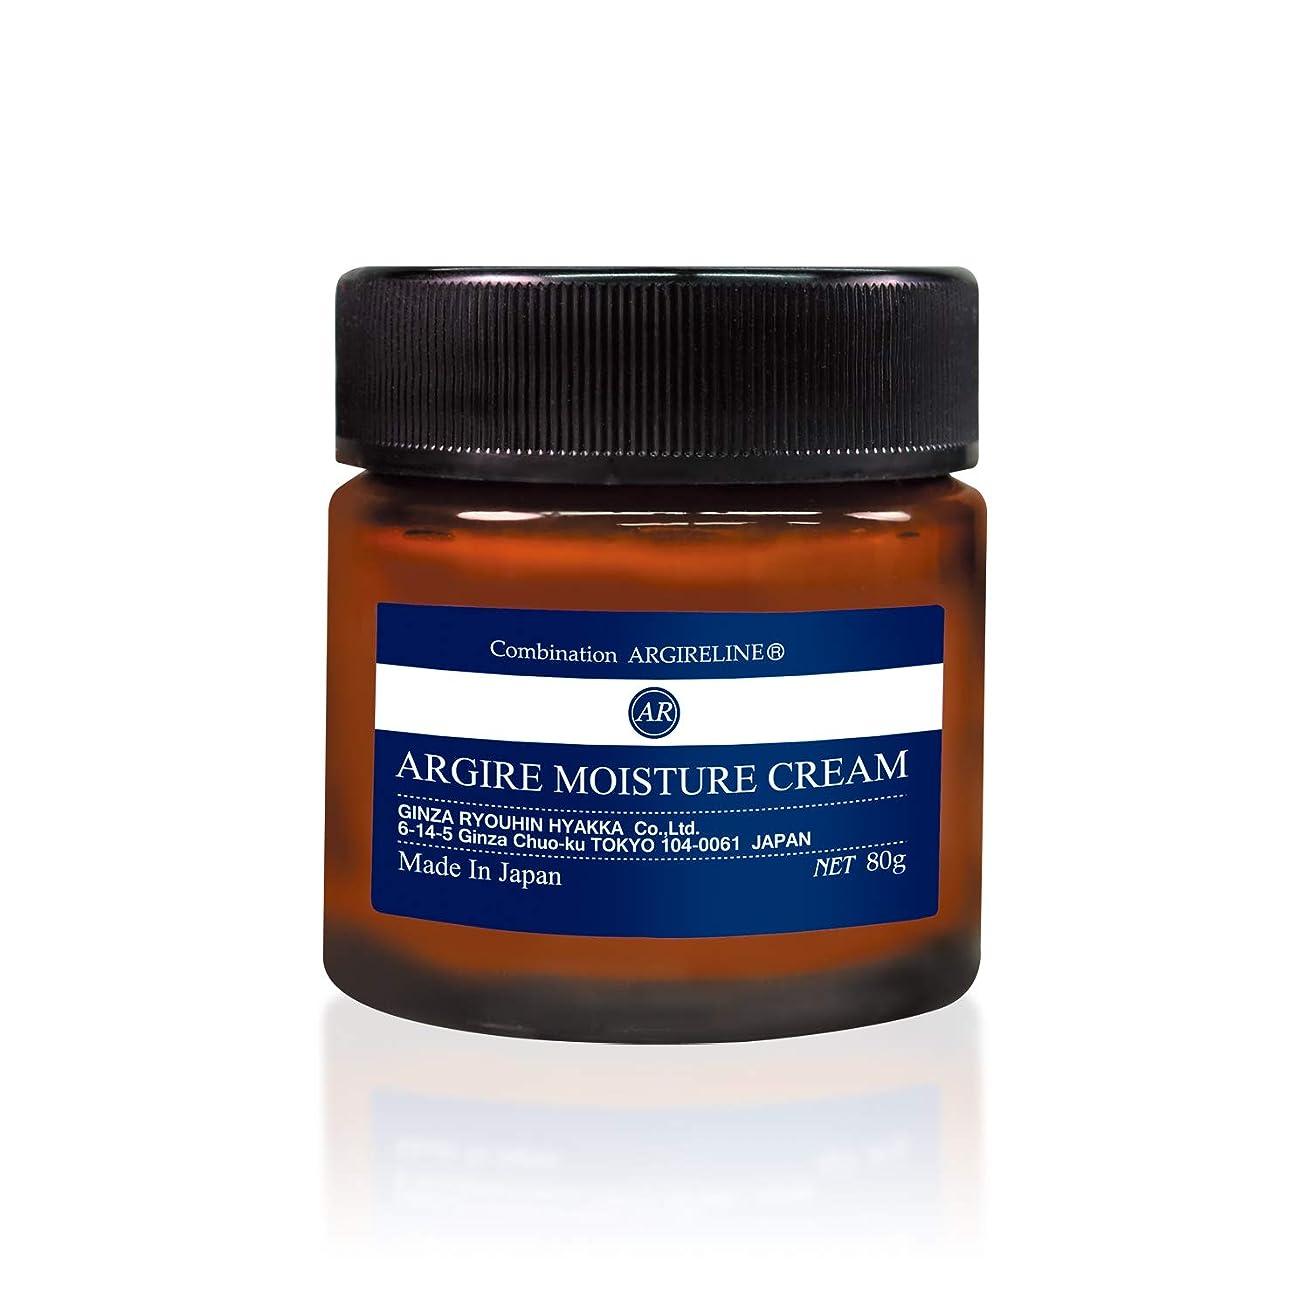 ライバル適用済み酸化物アルジル モイスチュアクリーム